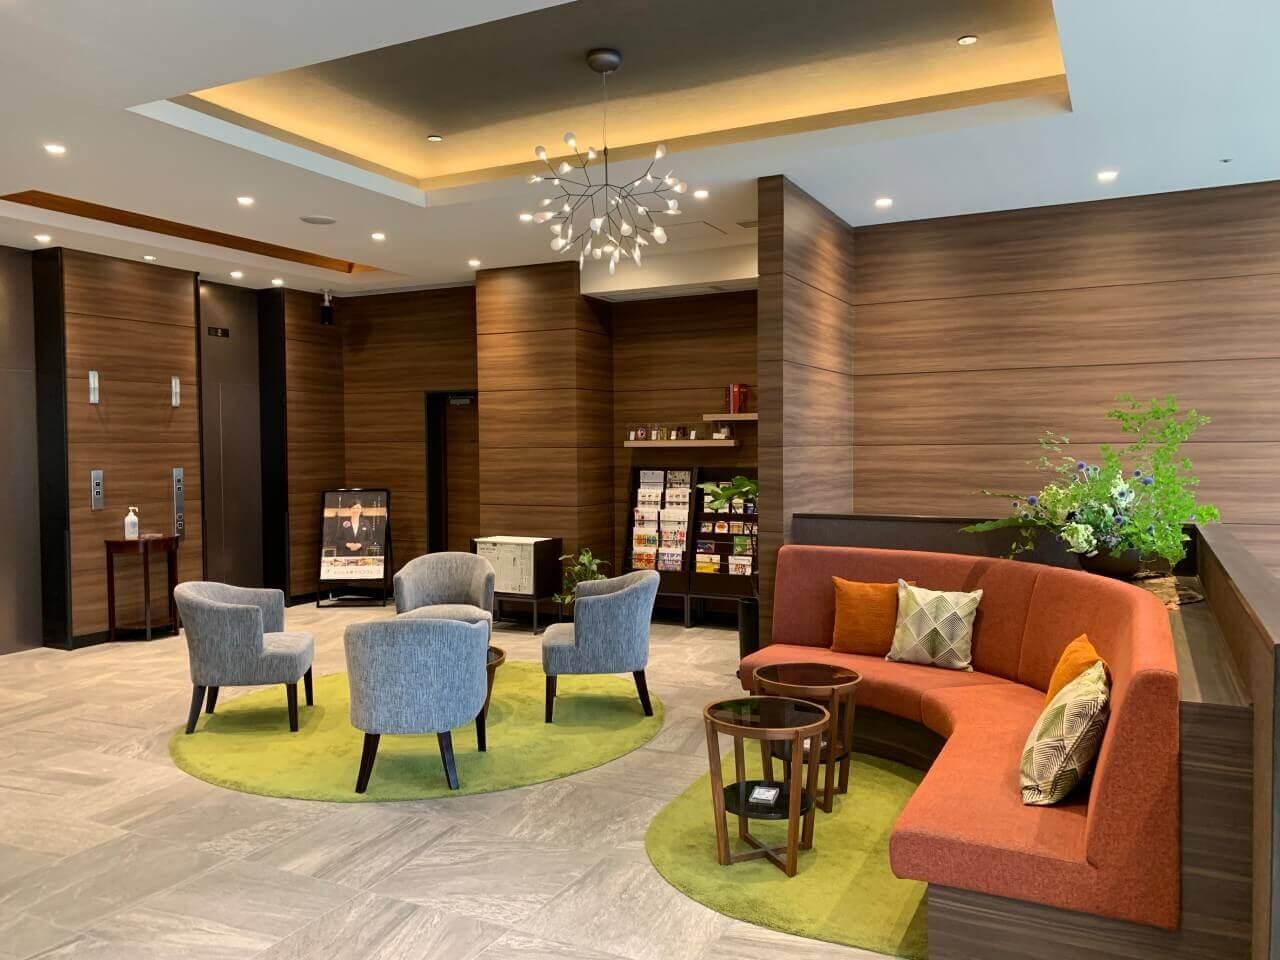 【仙台住宿推薦】Almont Hotel Sendai 仙台最高評價,處處用心的高CP值飯店